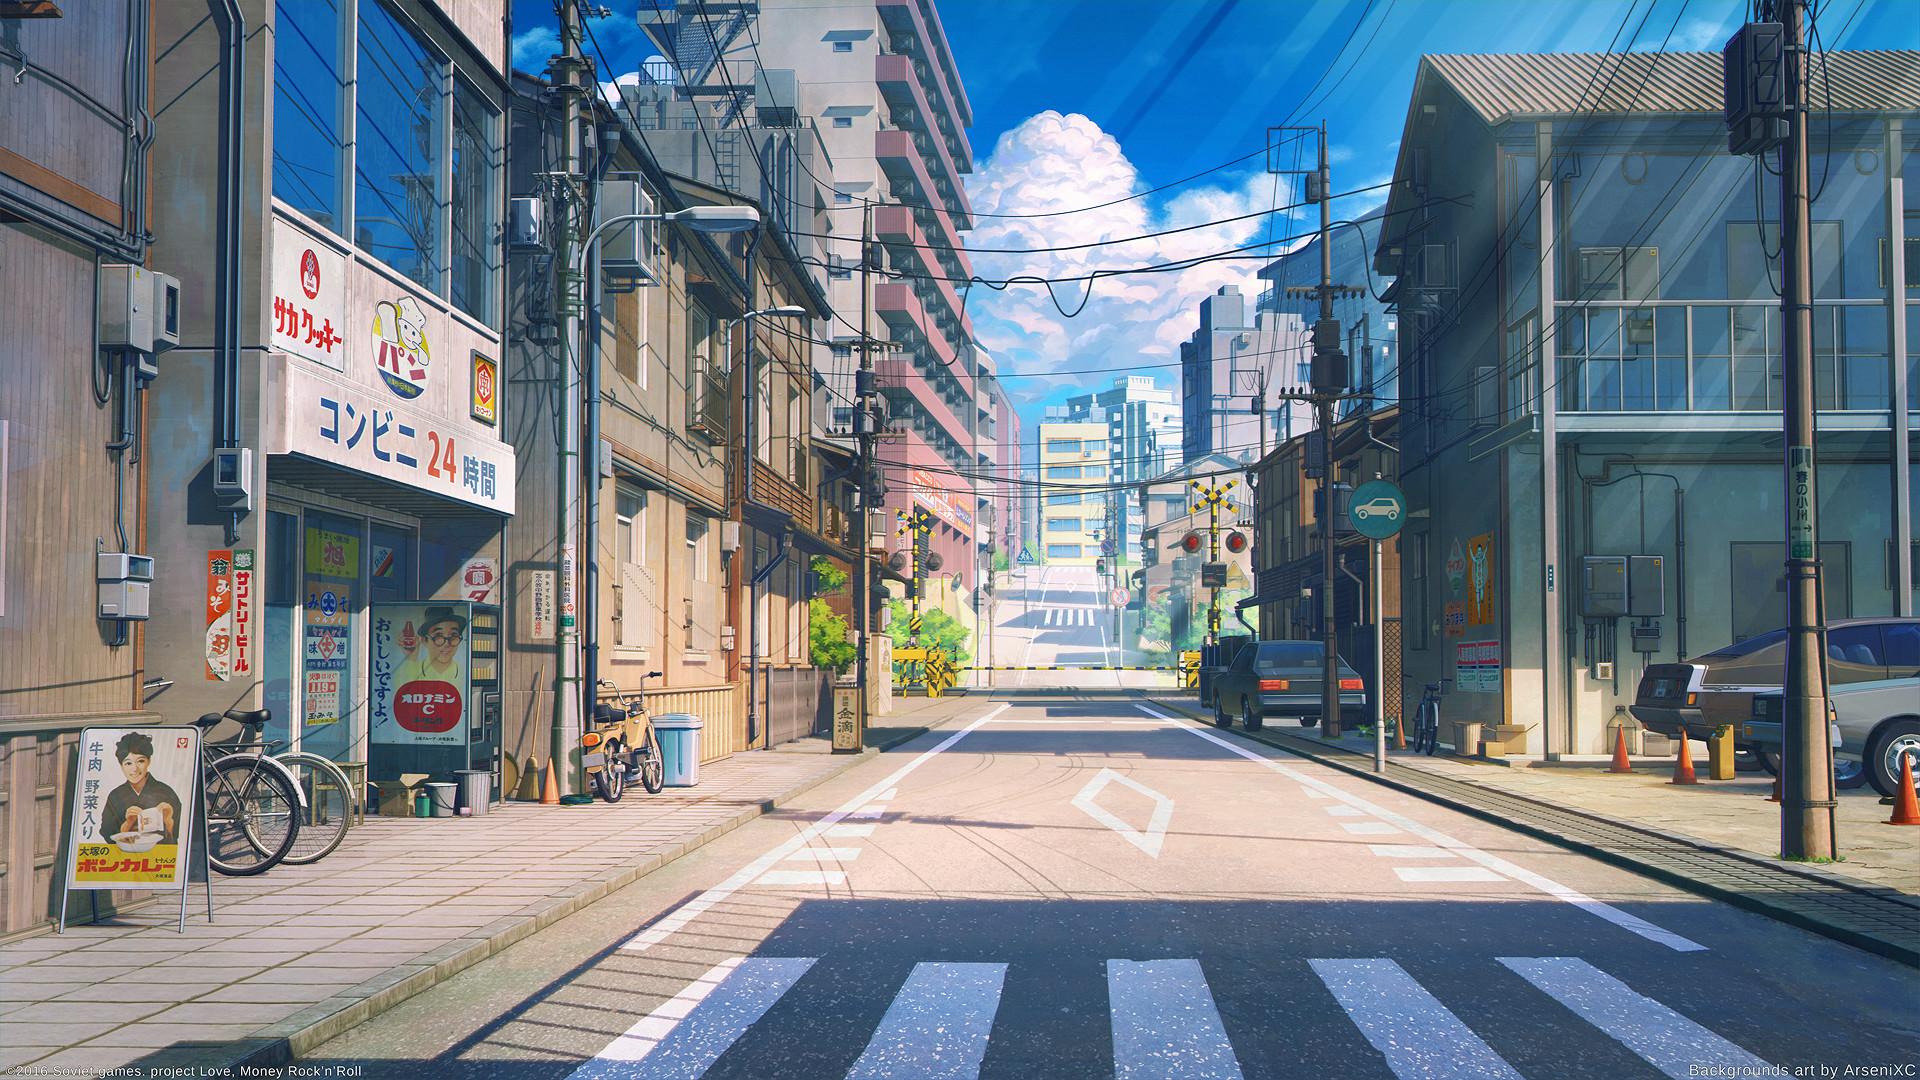 https://www.deviantart.com/art/Tokyo-street-